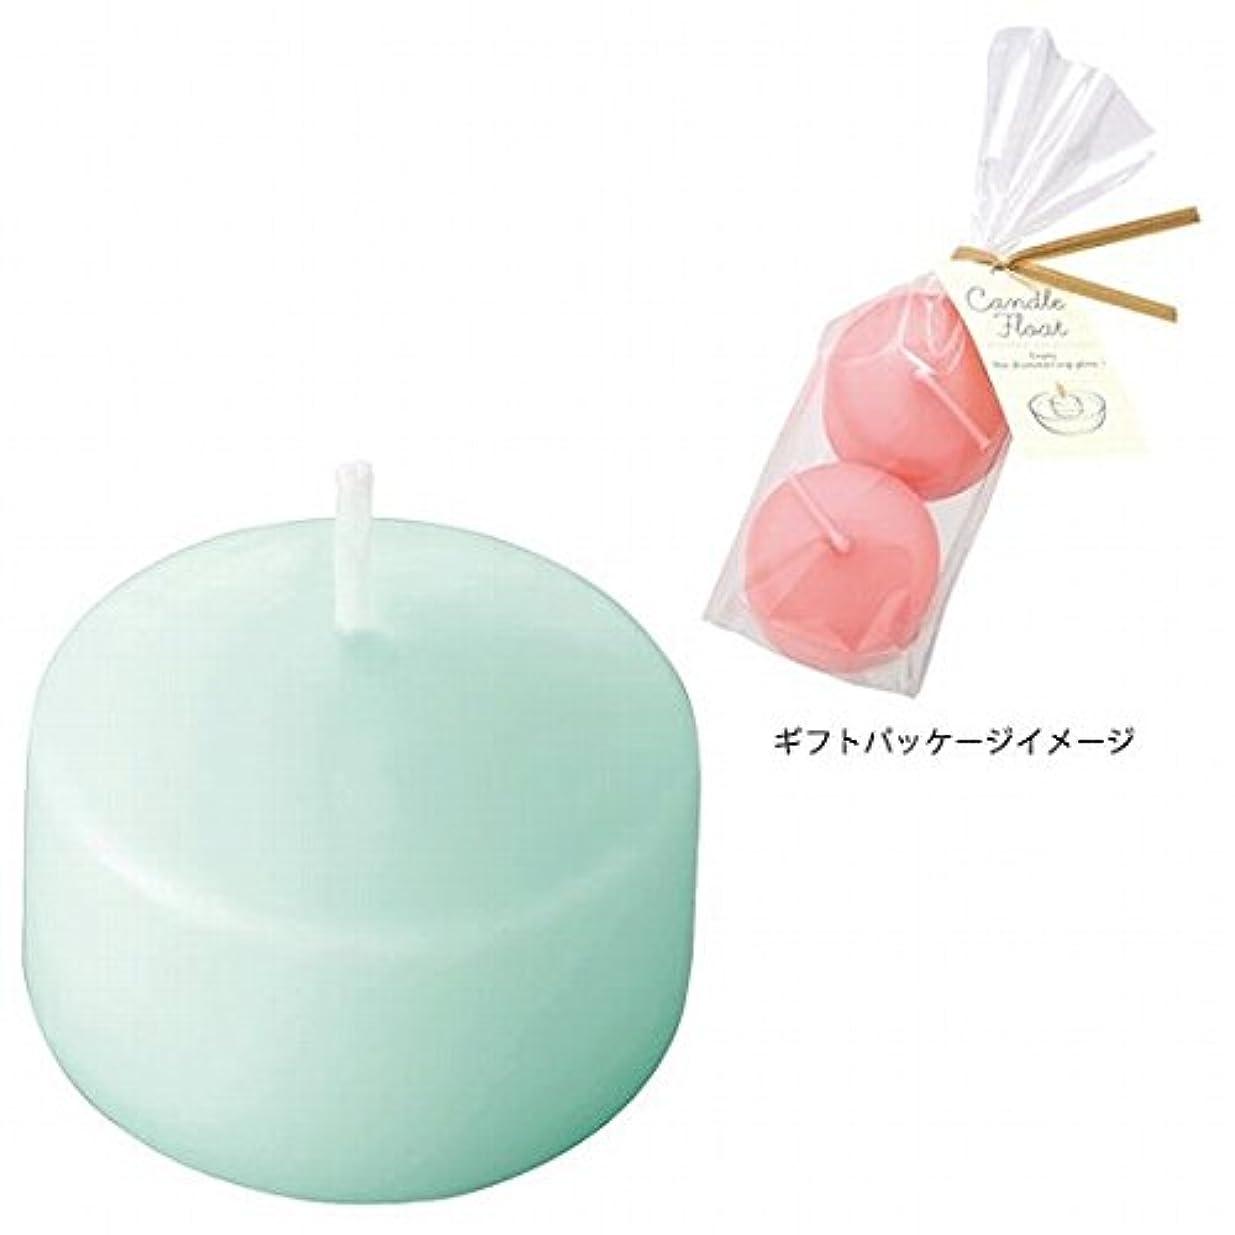 廃棄するフィットネスみカメヤマキャンドル( kameyama candle ) ハッピープール(2個入り) キャンドル 「ライトブルー」